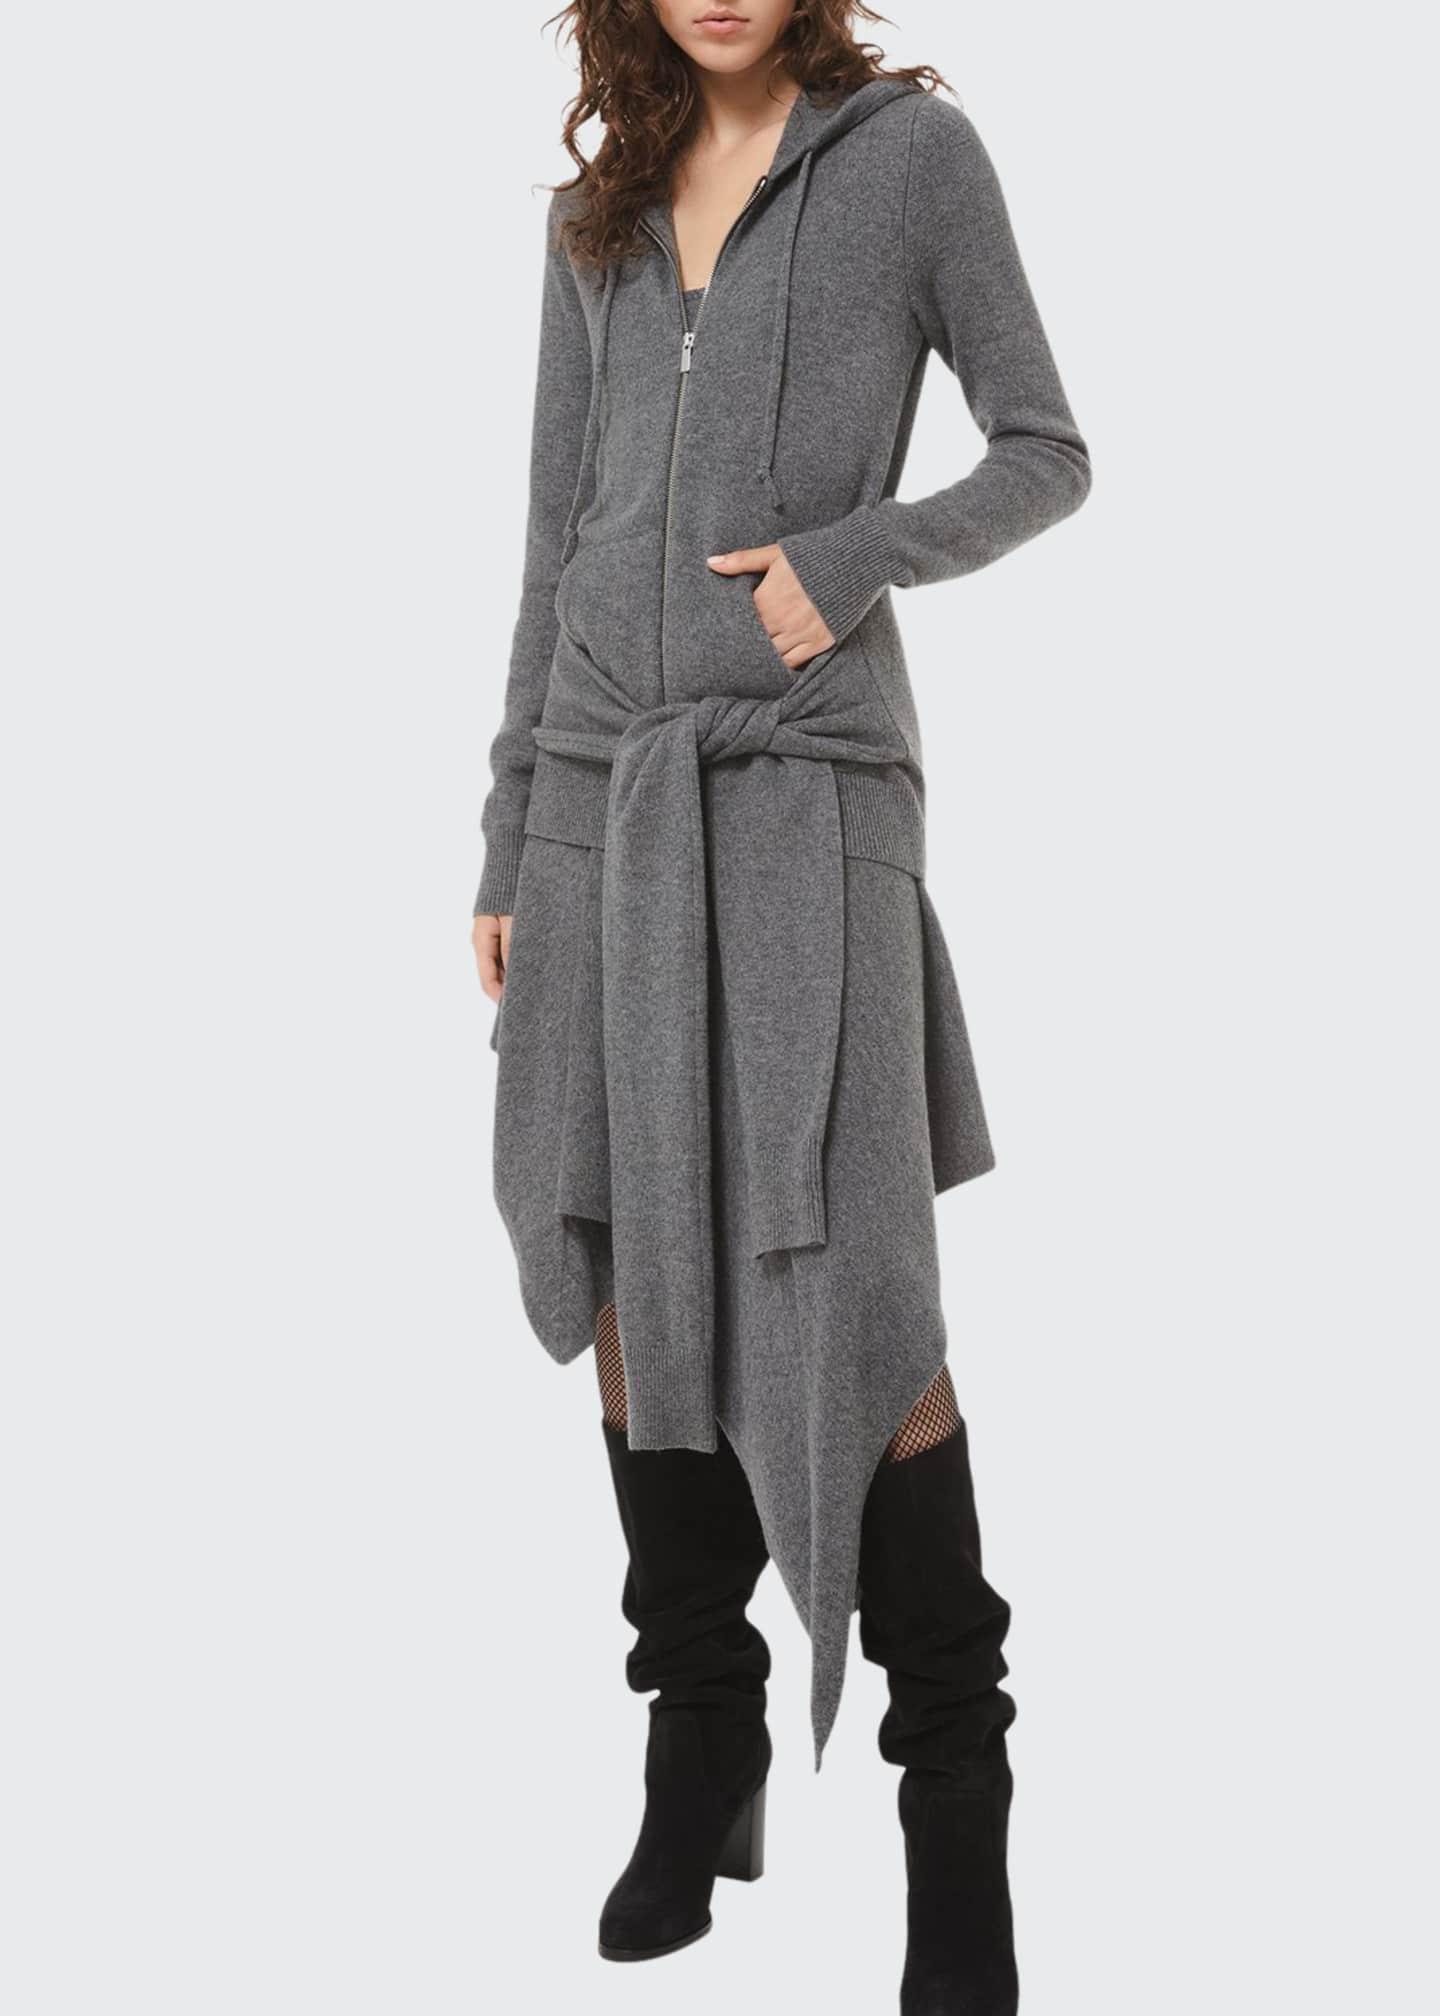 Michael Kors Collection Tie-Waist Zip Hoodie